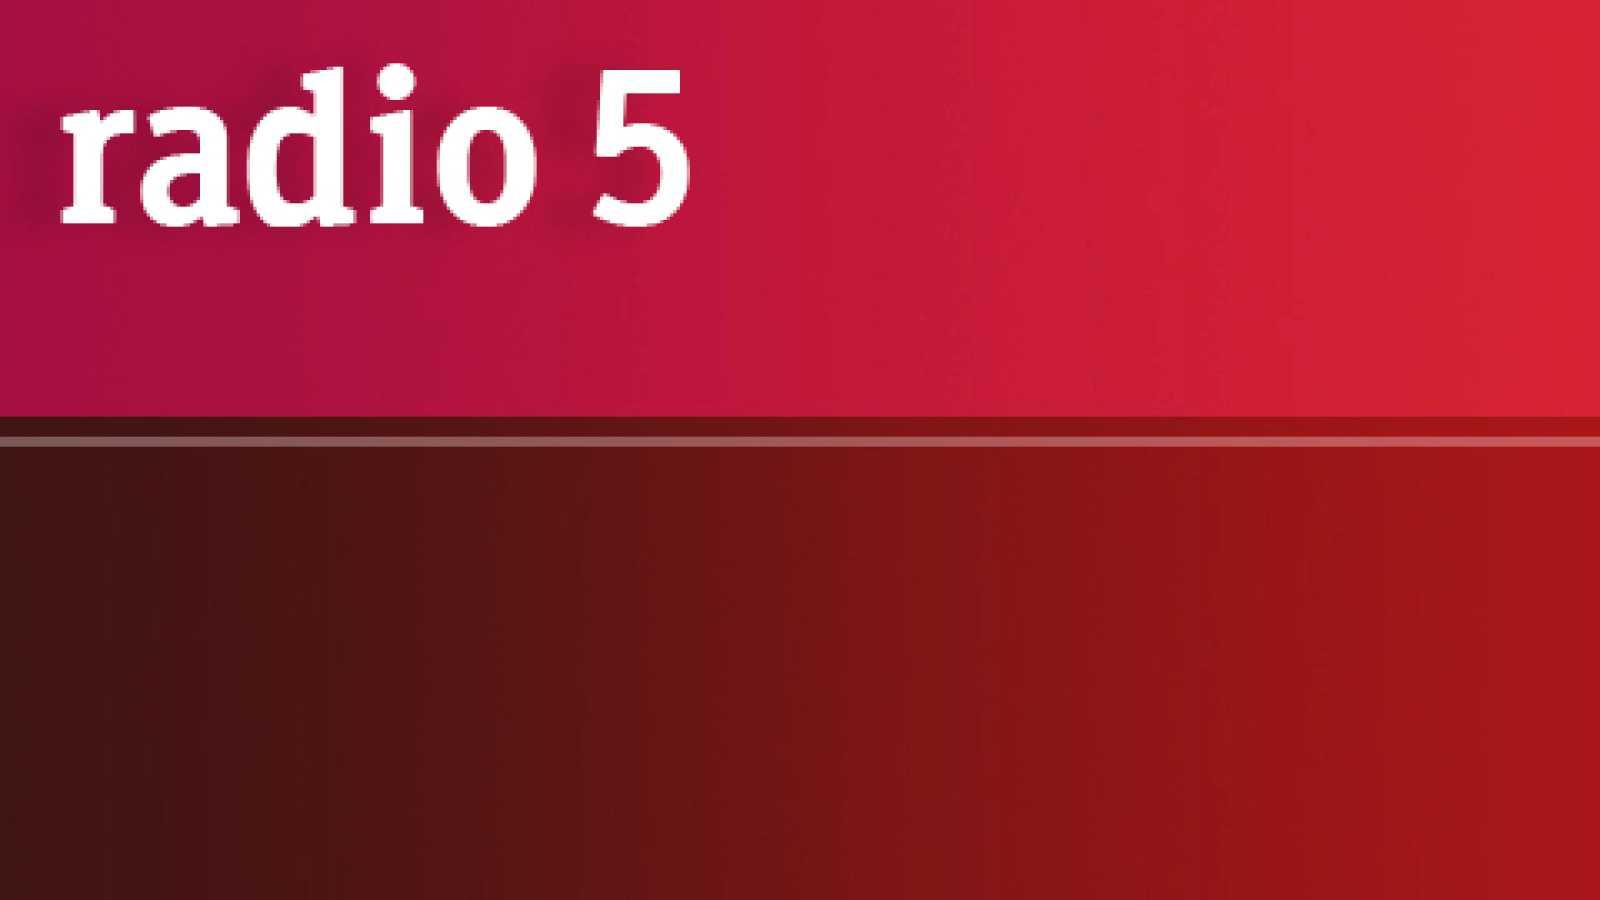 Reportajes en R5 -  La profundidad de la Red - 09/04/14 - escuchar ahora